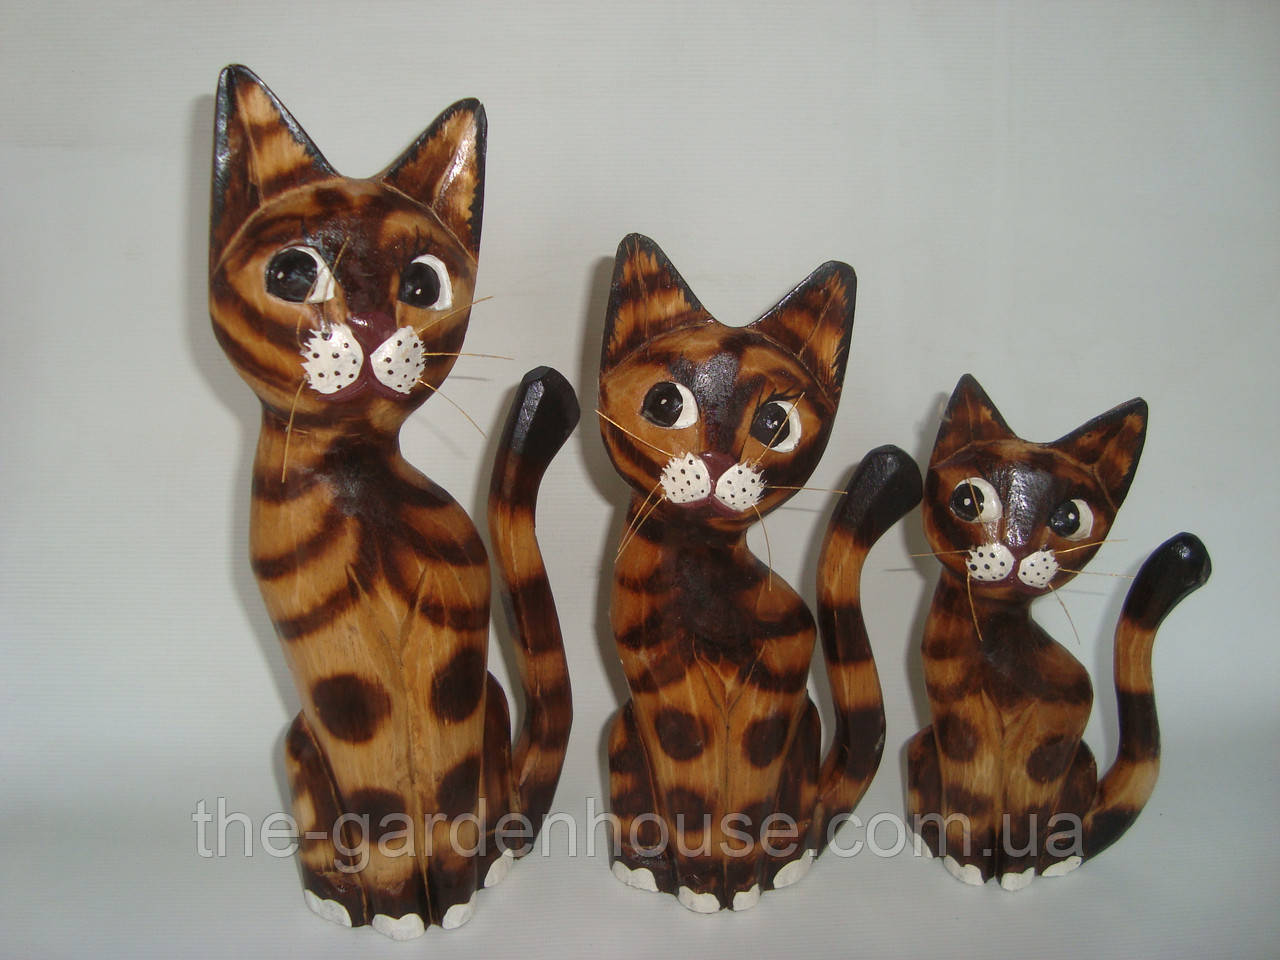 Семья пятнистых котиков (30, 25 и 20 см)